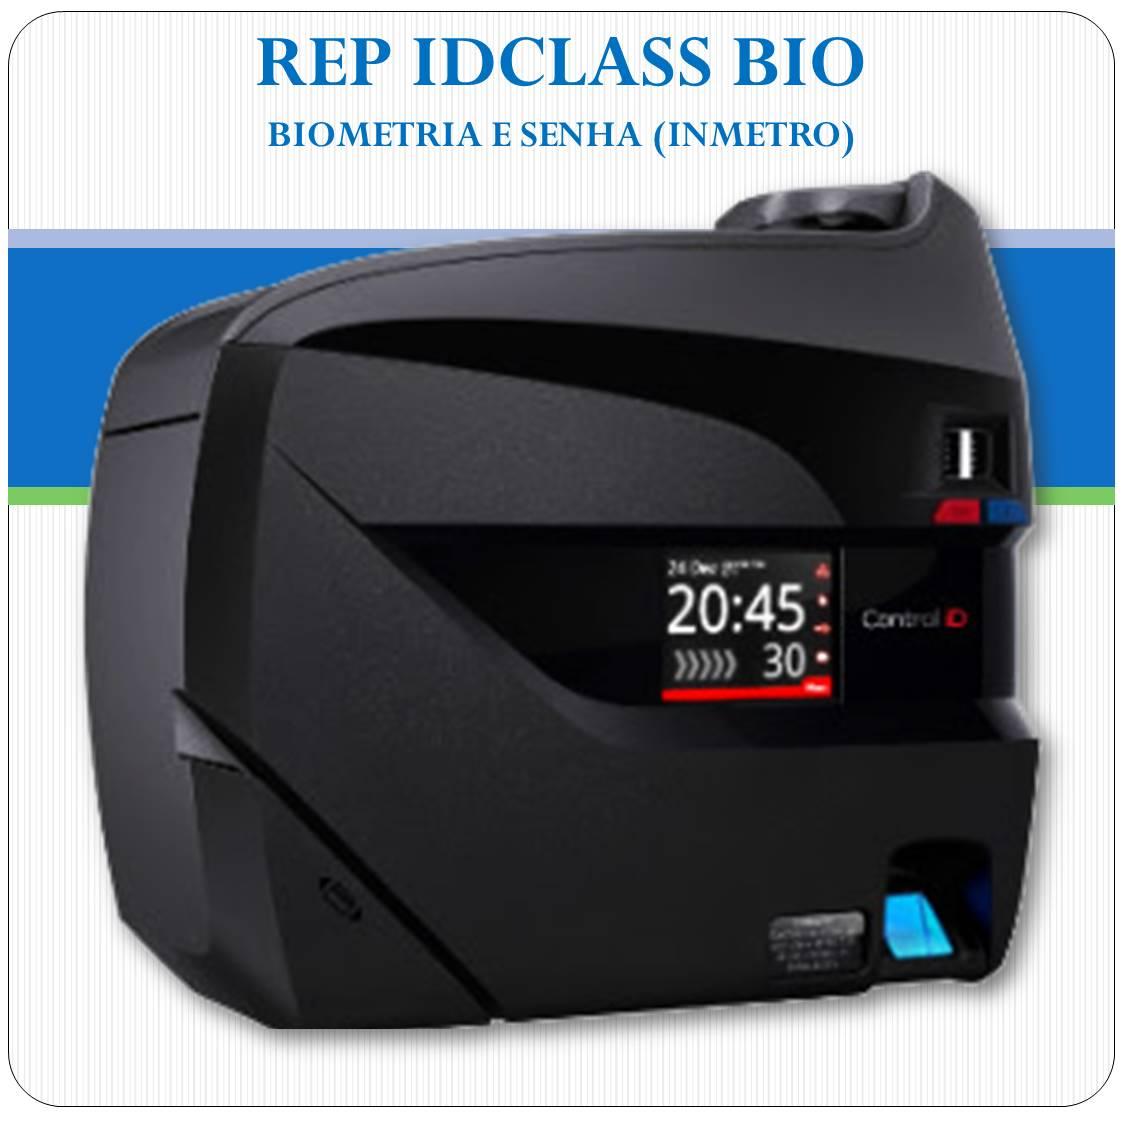 REP iDClass BIO - Biometria e Senha - Inmetro